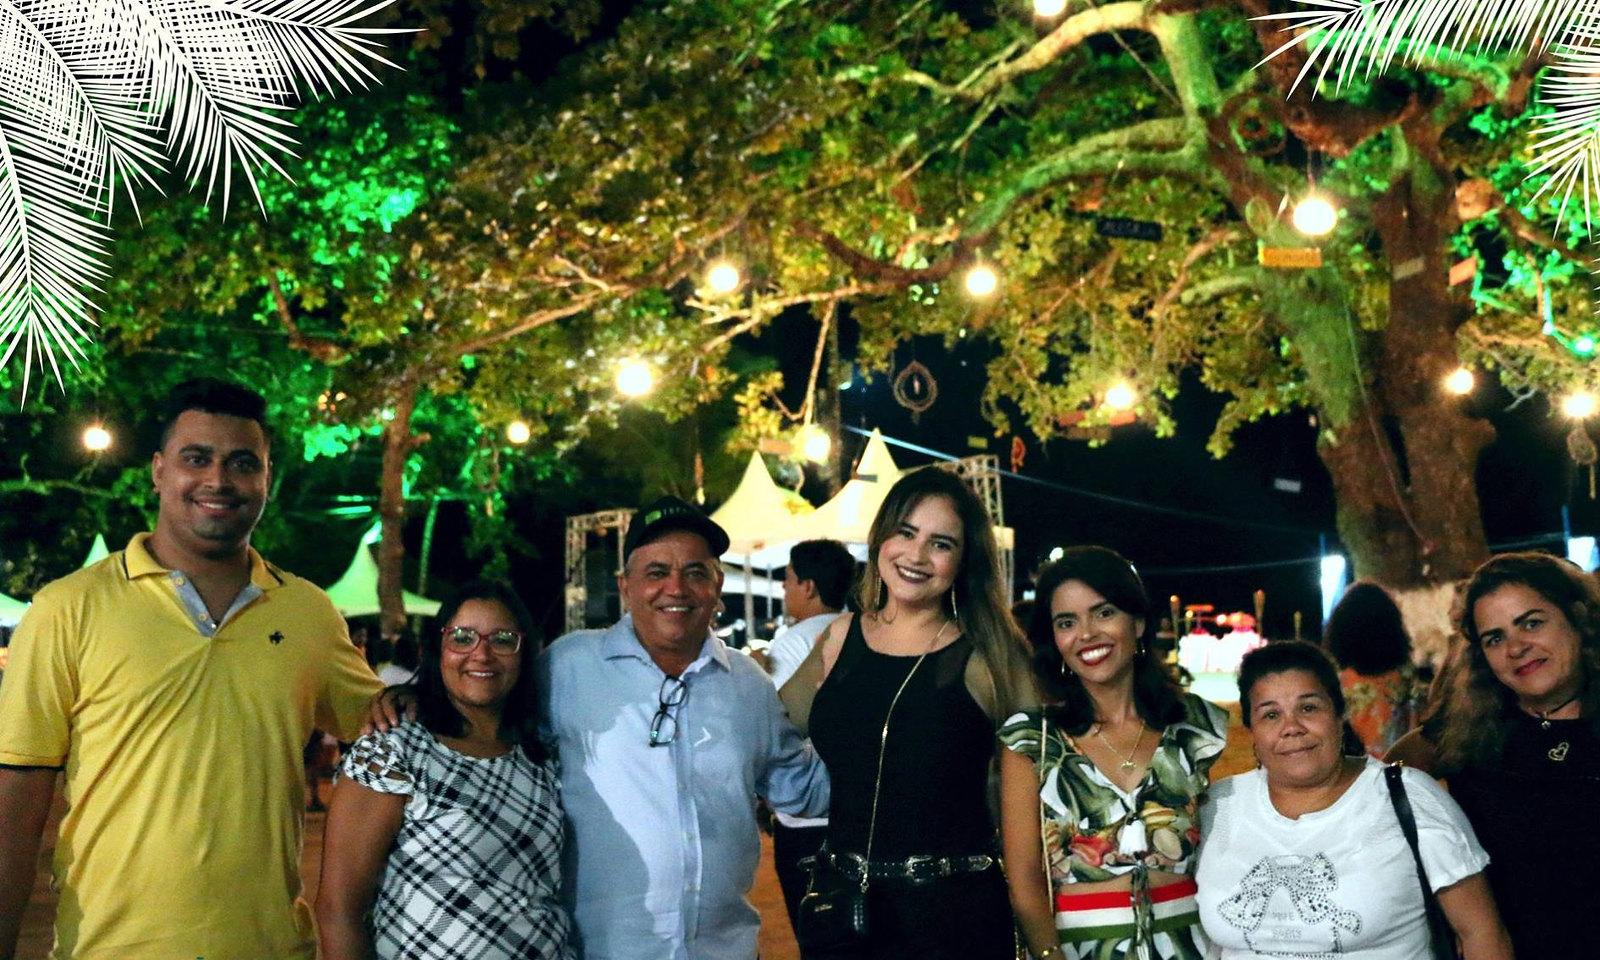 Luau com Ruy Galdino dá início às festas de final de ano em Caravelas (6)